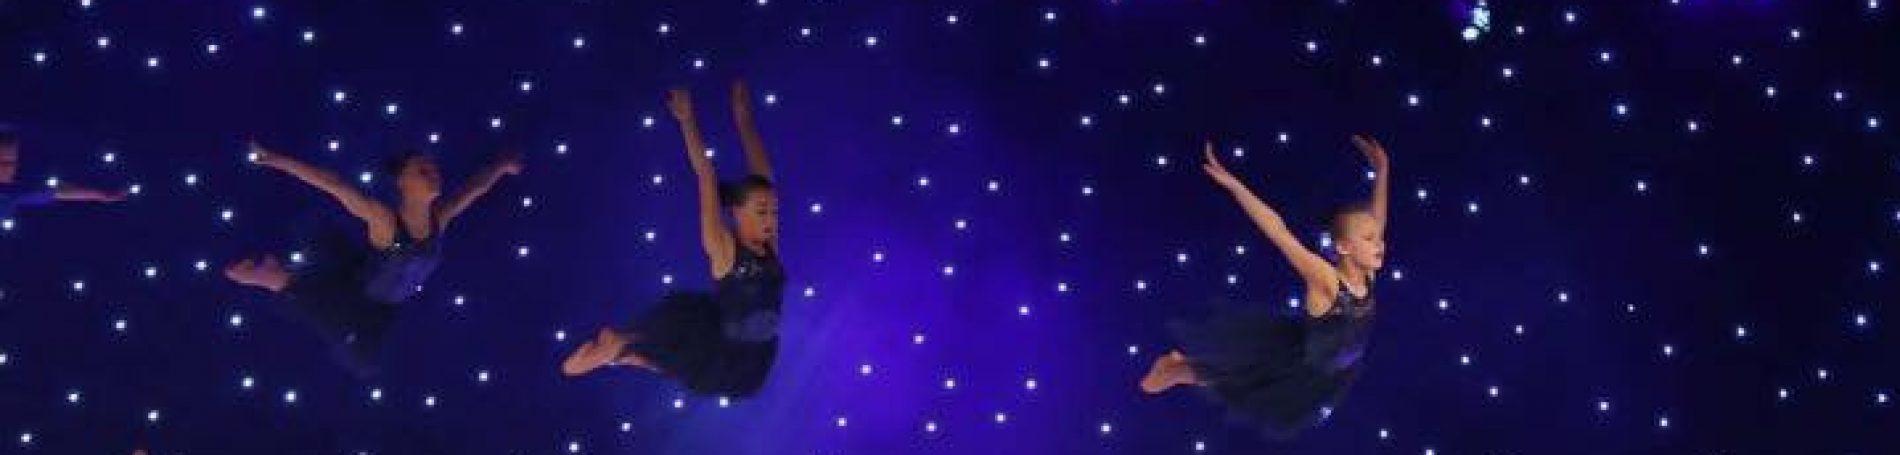 Astro Gymnastics